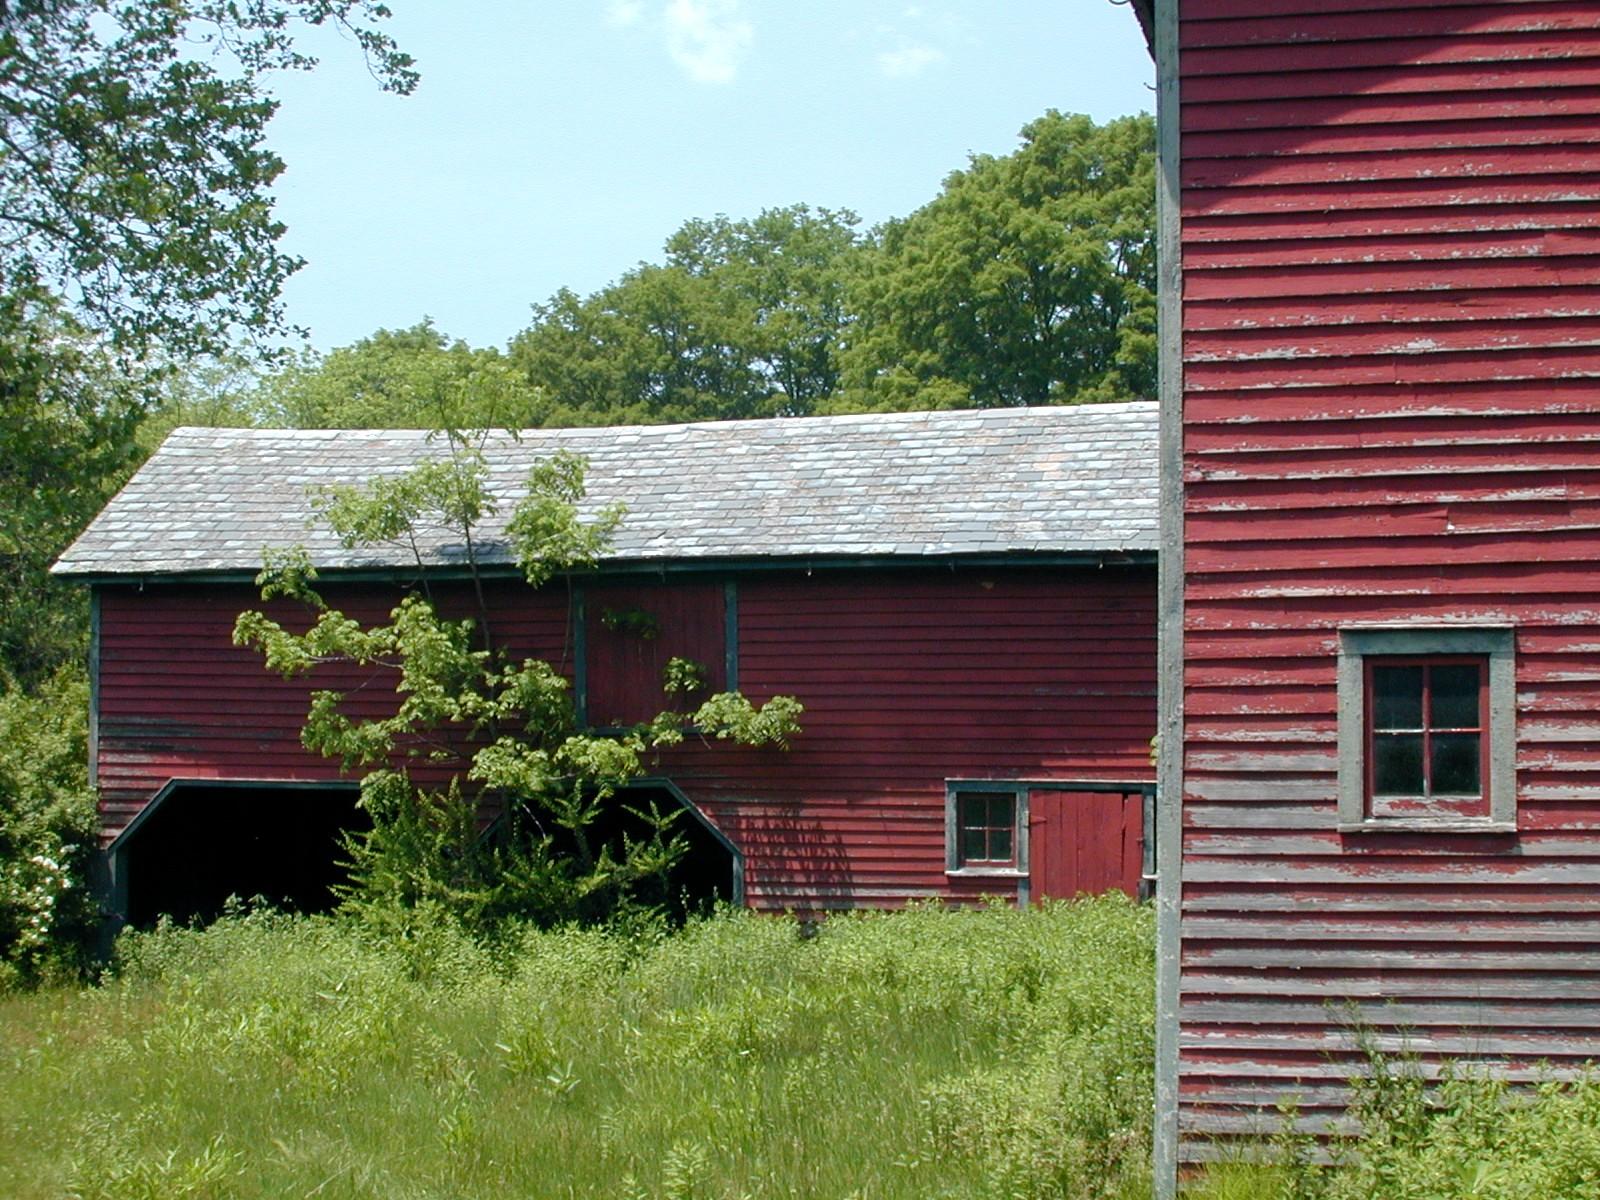 B.B. Van Campen farm, barns